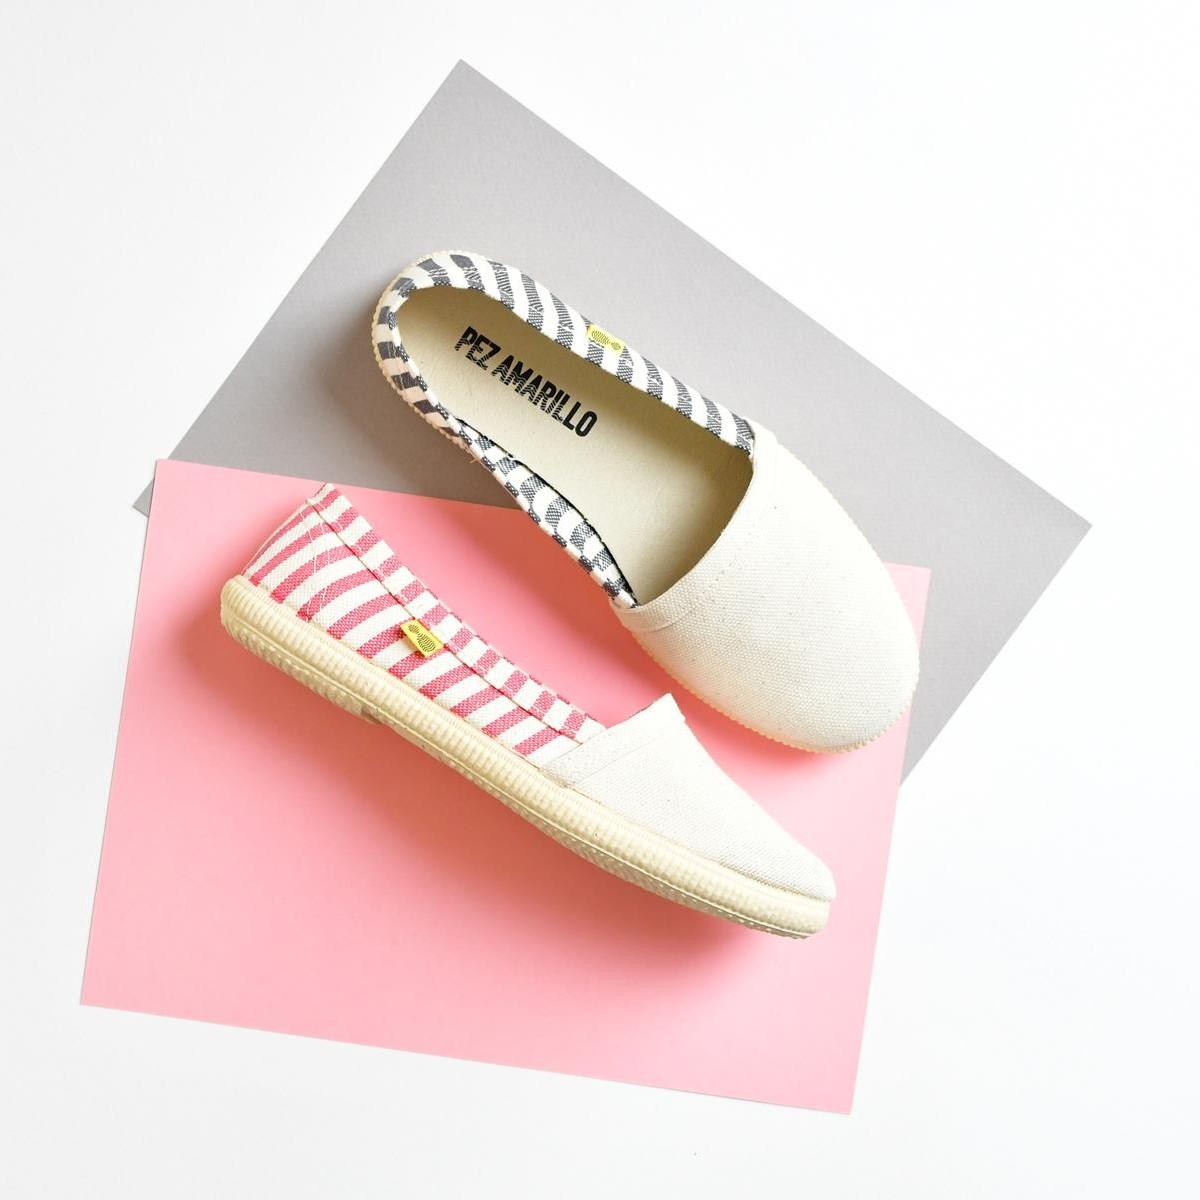 AmorShoes_Pez-Amarillo-camping-bamba-alpargata-suela-de-caucho-made-in-spain-mediterranean-hecho-en-españa-algodon-100%-rayas-stripes-rosa-gris-aguamarina-home